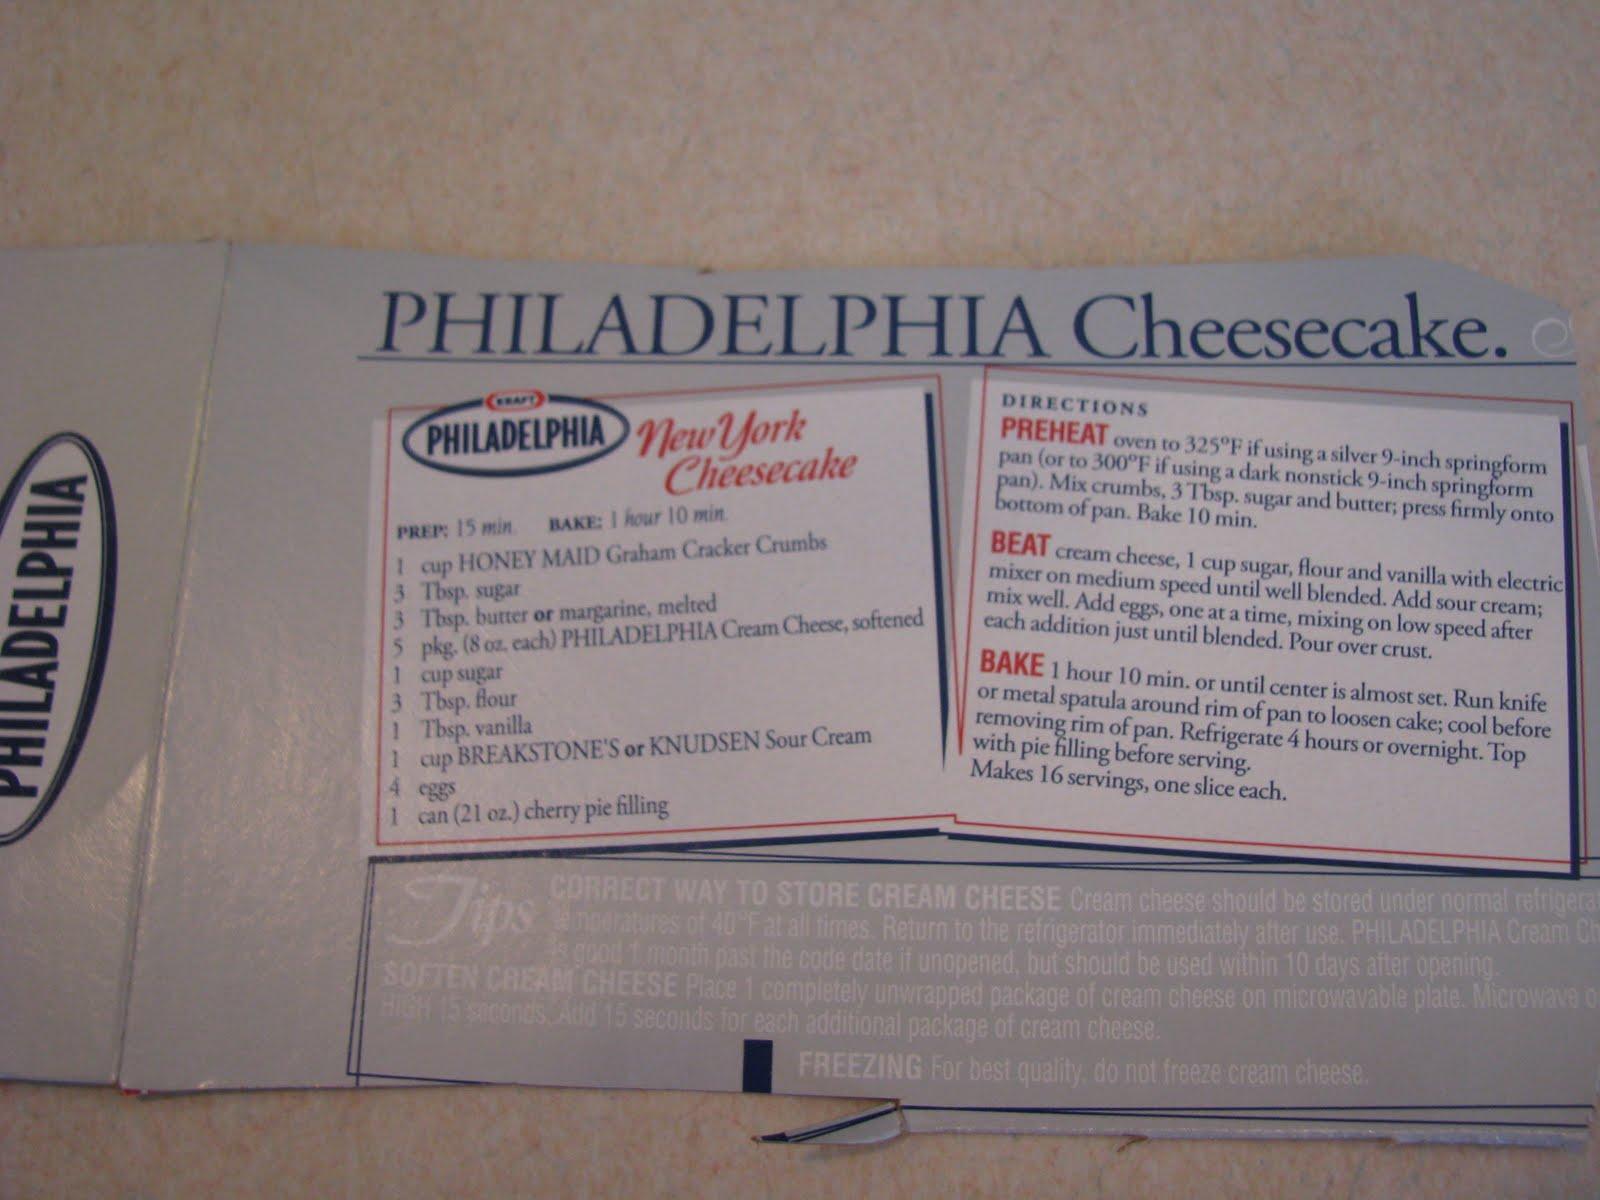 Original Philadelphia Cream Cheese Cake Recipe